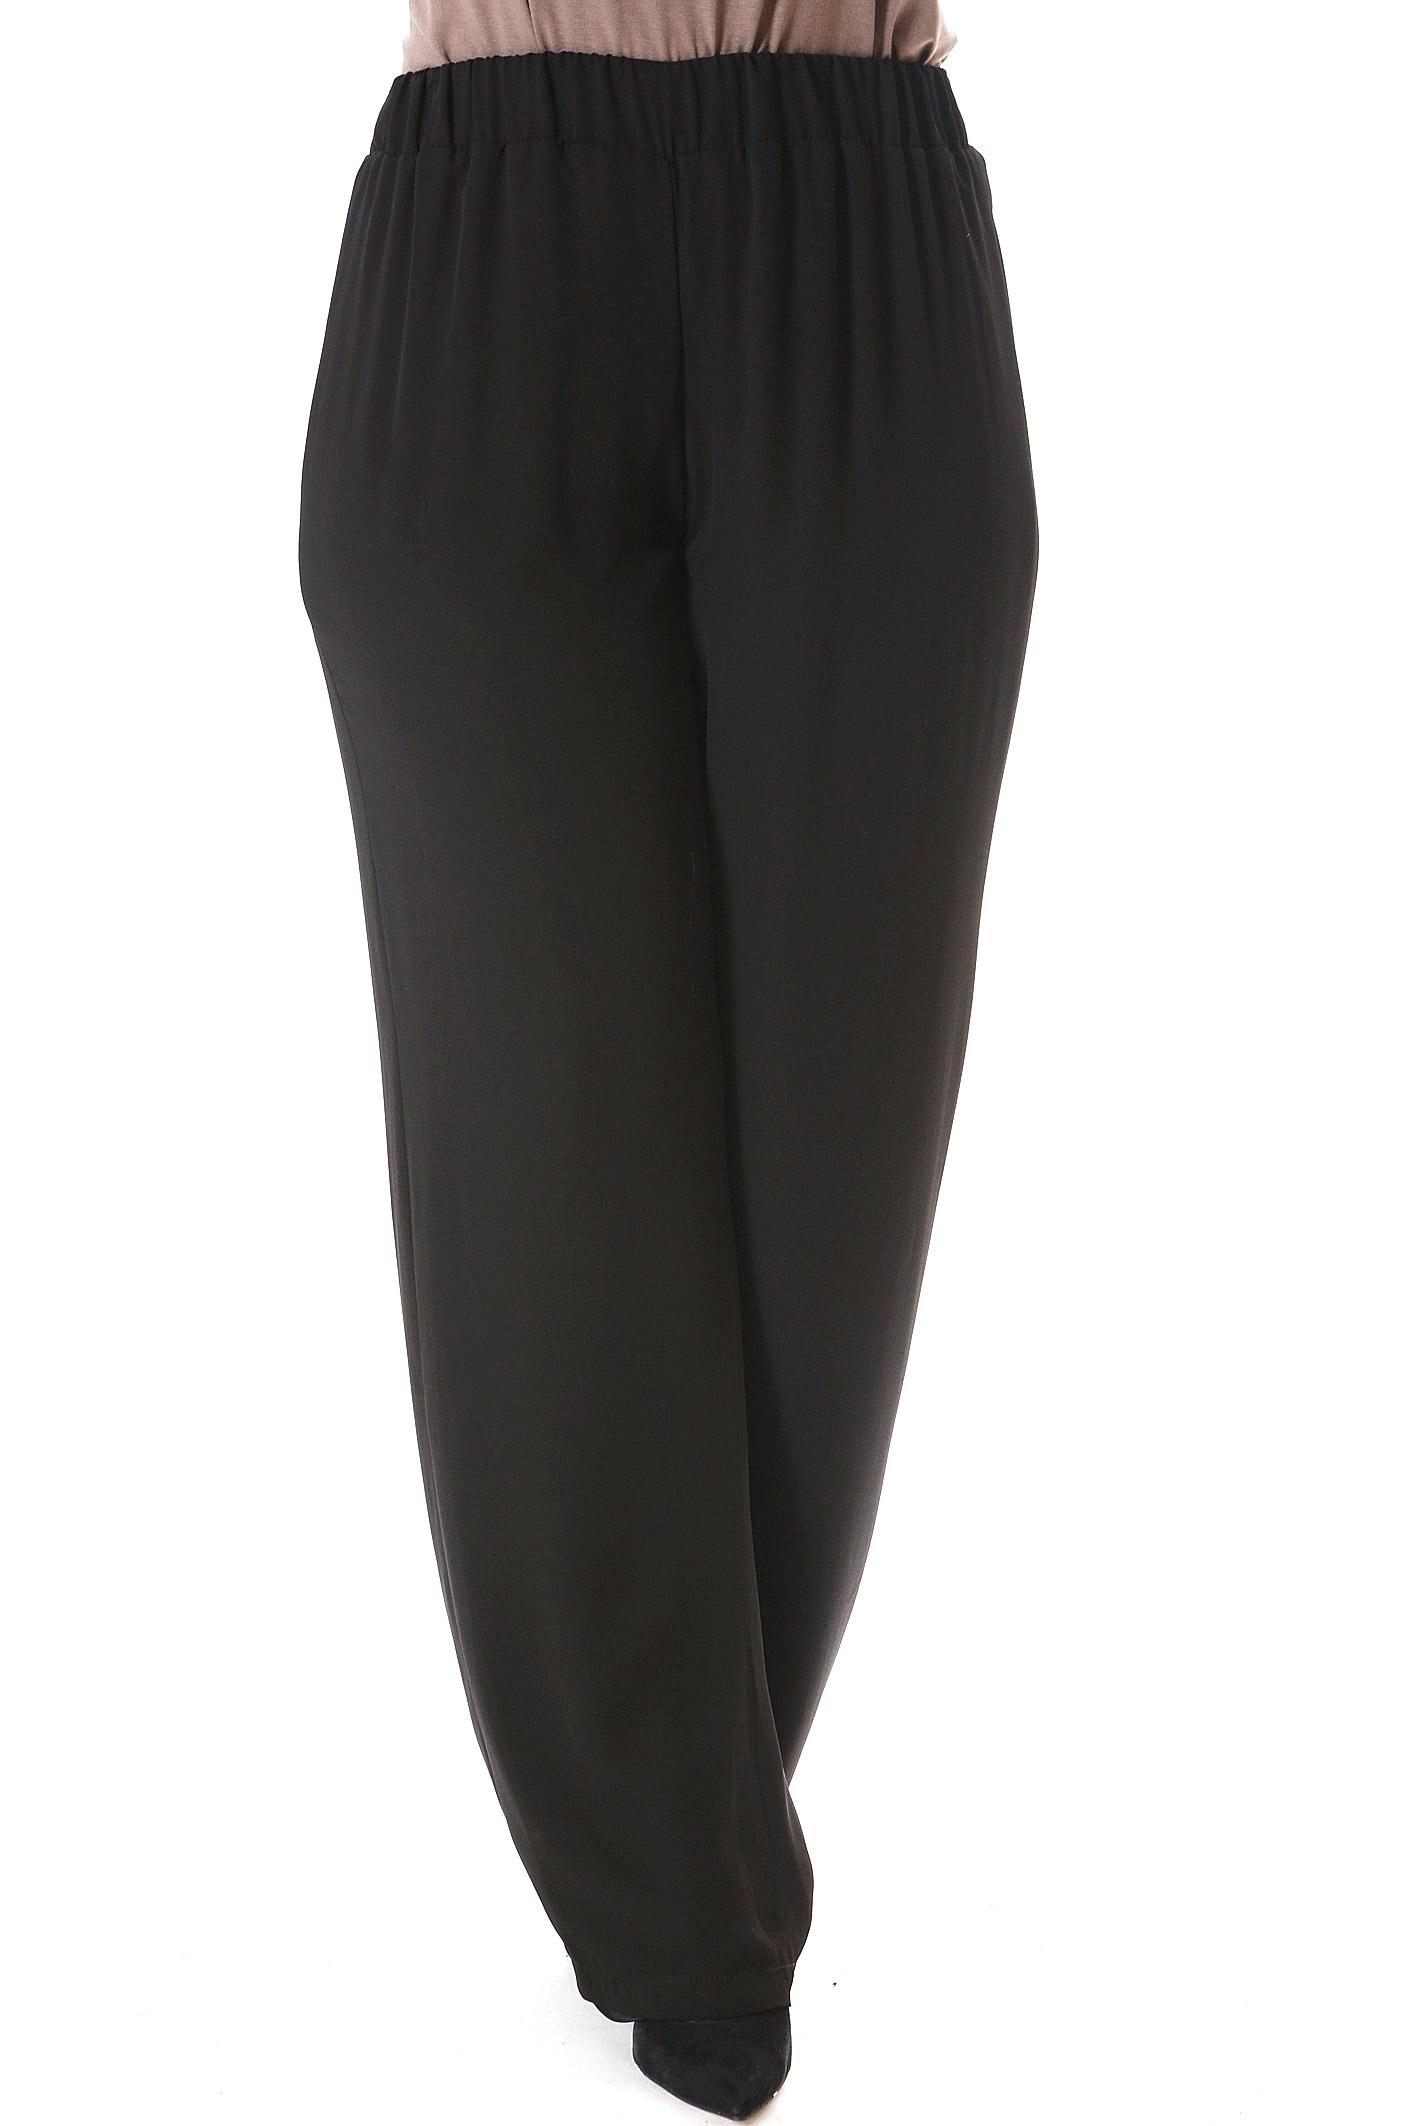 Παντελόνα διπλή ζορζέτα μαύρο νέες αφίξεις   ενδύματα   παντελόνια   κολάν   siderati   brands